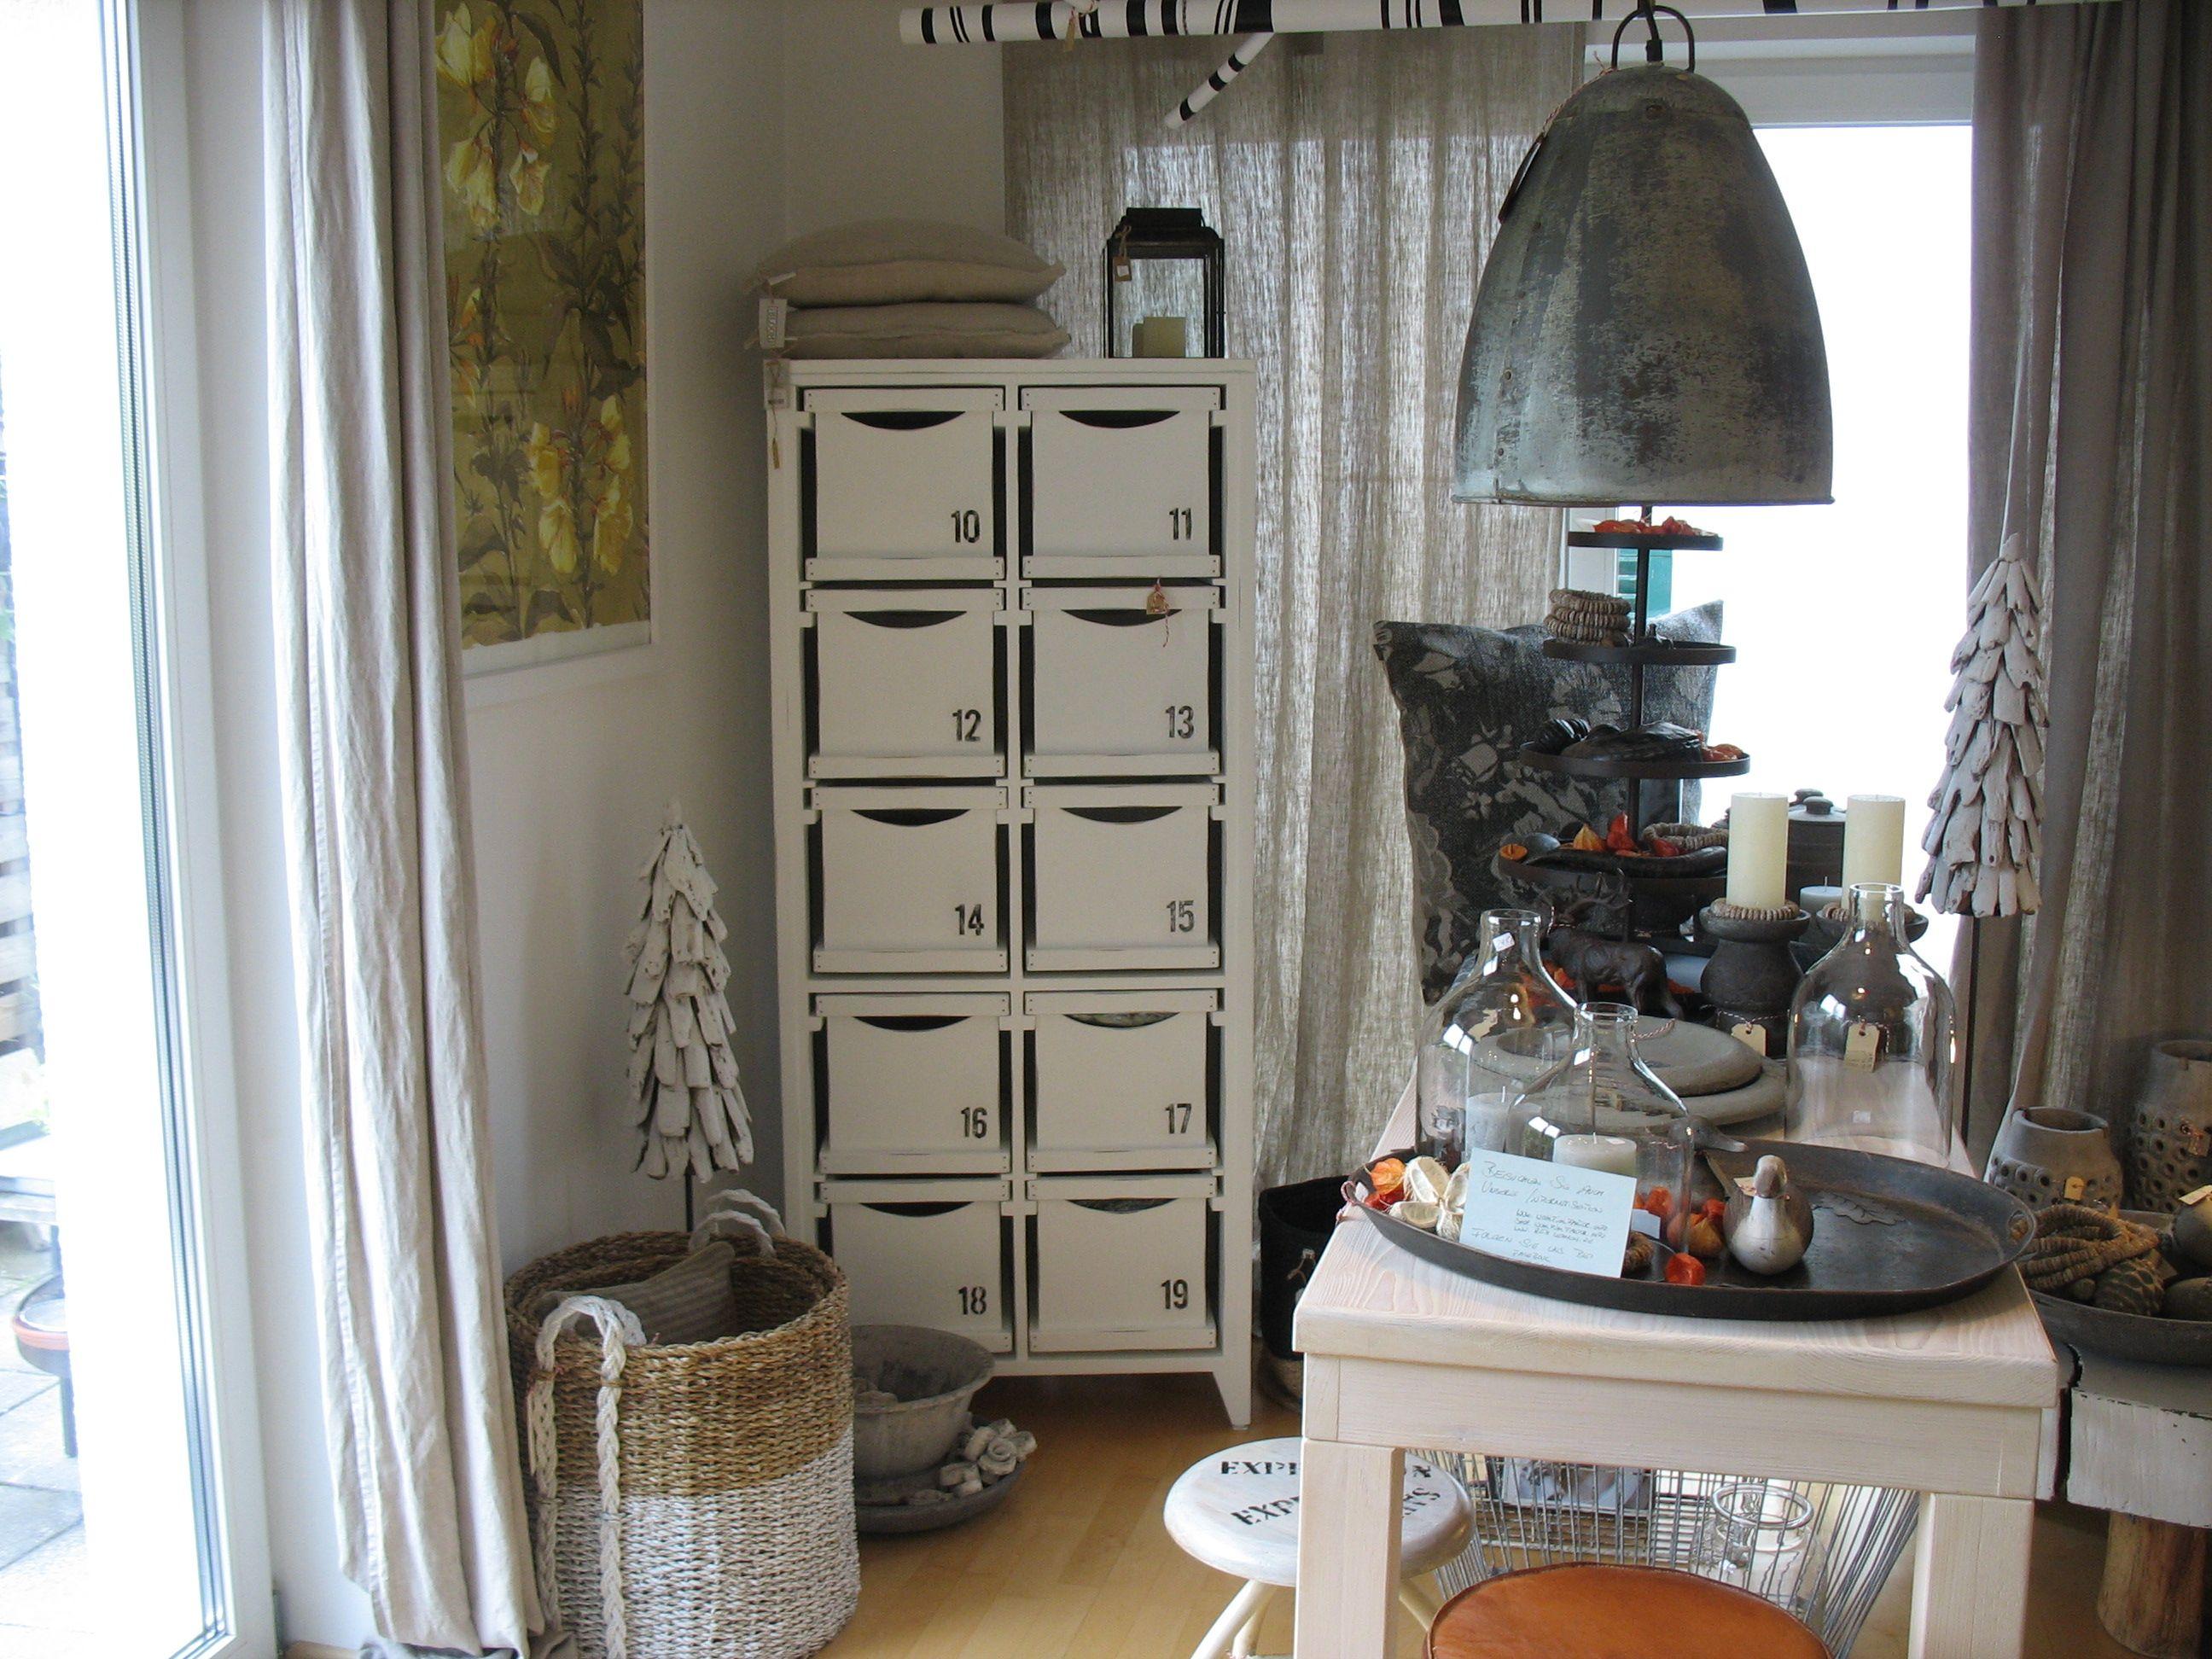 Cool Küche Industriedesign Galerie Von Besonderes In Besonderer Atmosphäre! Bei Uns Finden